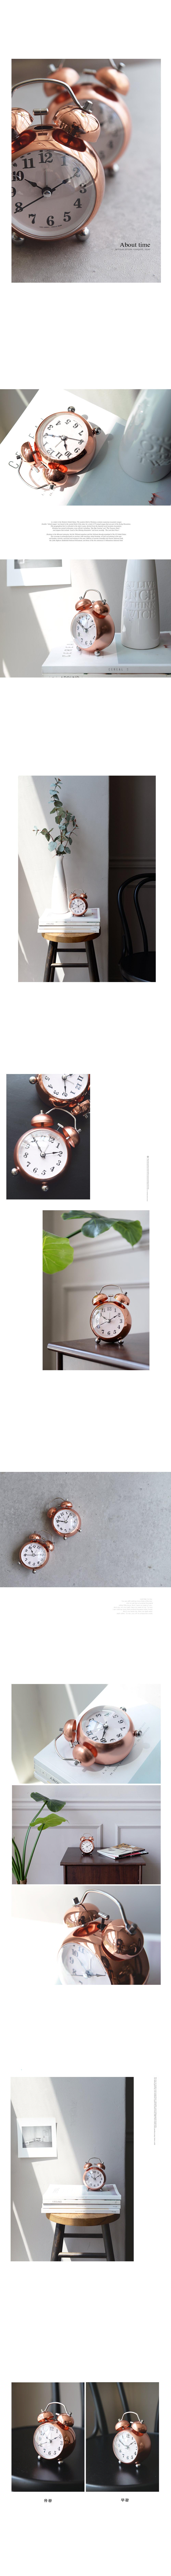 로즈골드 볼 자명종시계(2style)22,500원-안나하우스인테리어/플라워, 시계, 탁상시계, 우드바보사랑로즈골드 볼 자명종시계(2style)22,500원-안나하우스인테리어/플라워, 시계, 탁상시계, 우드바보사랑